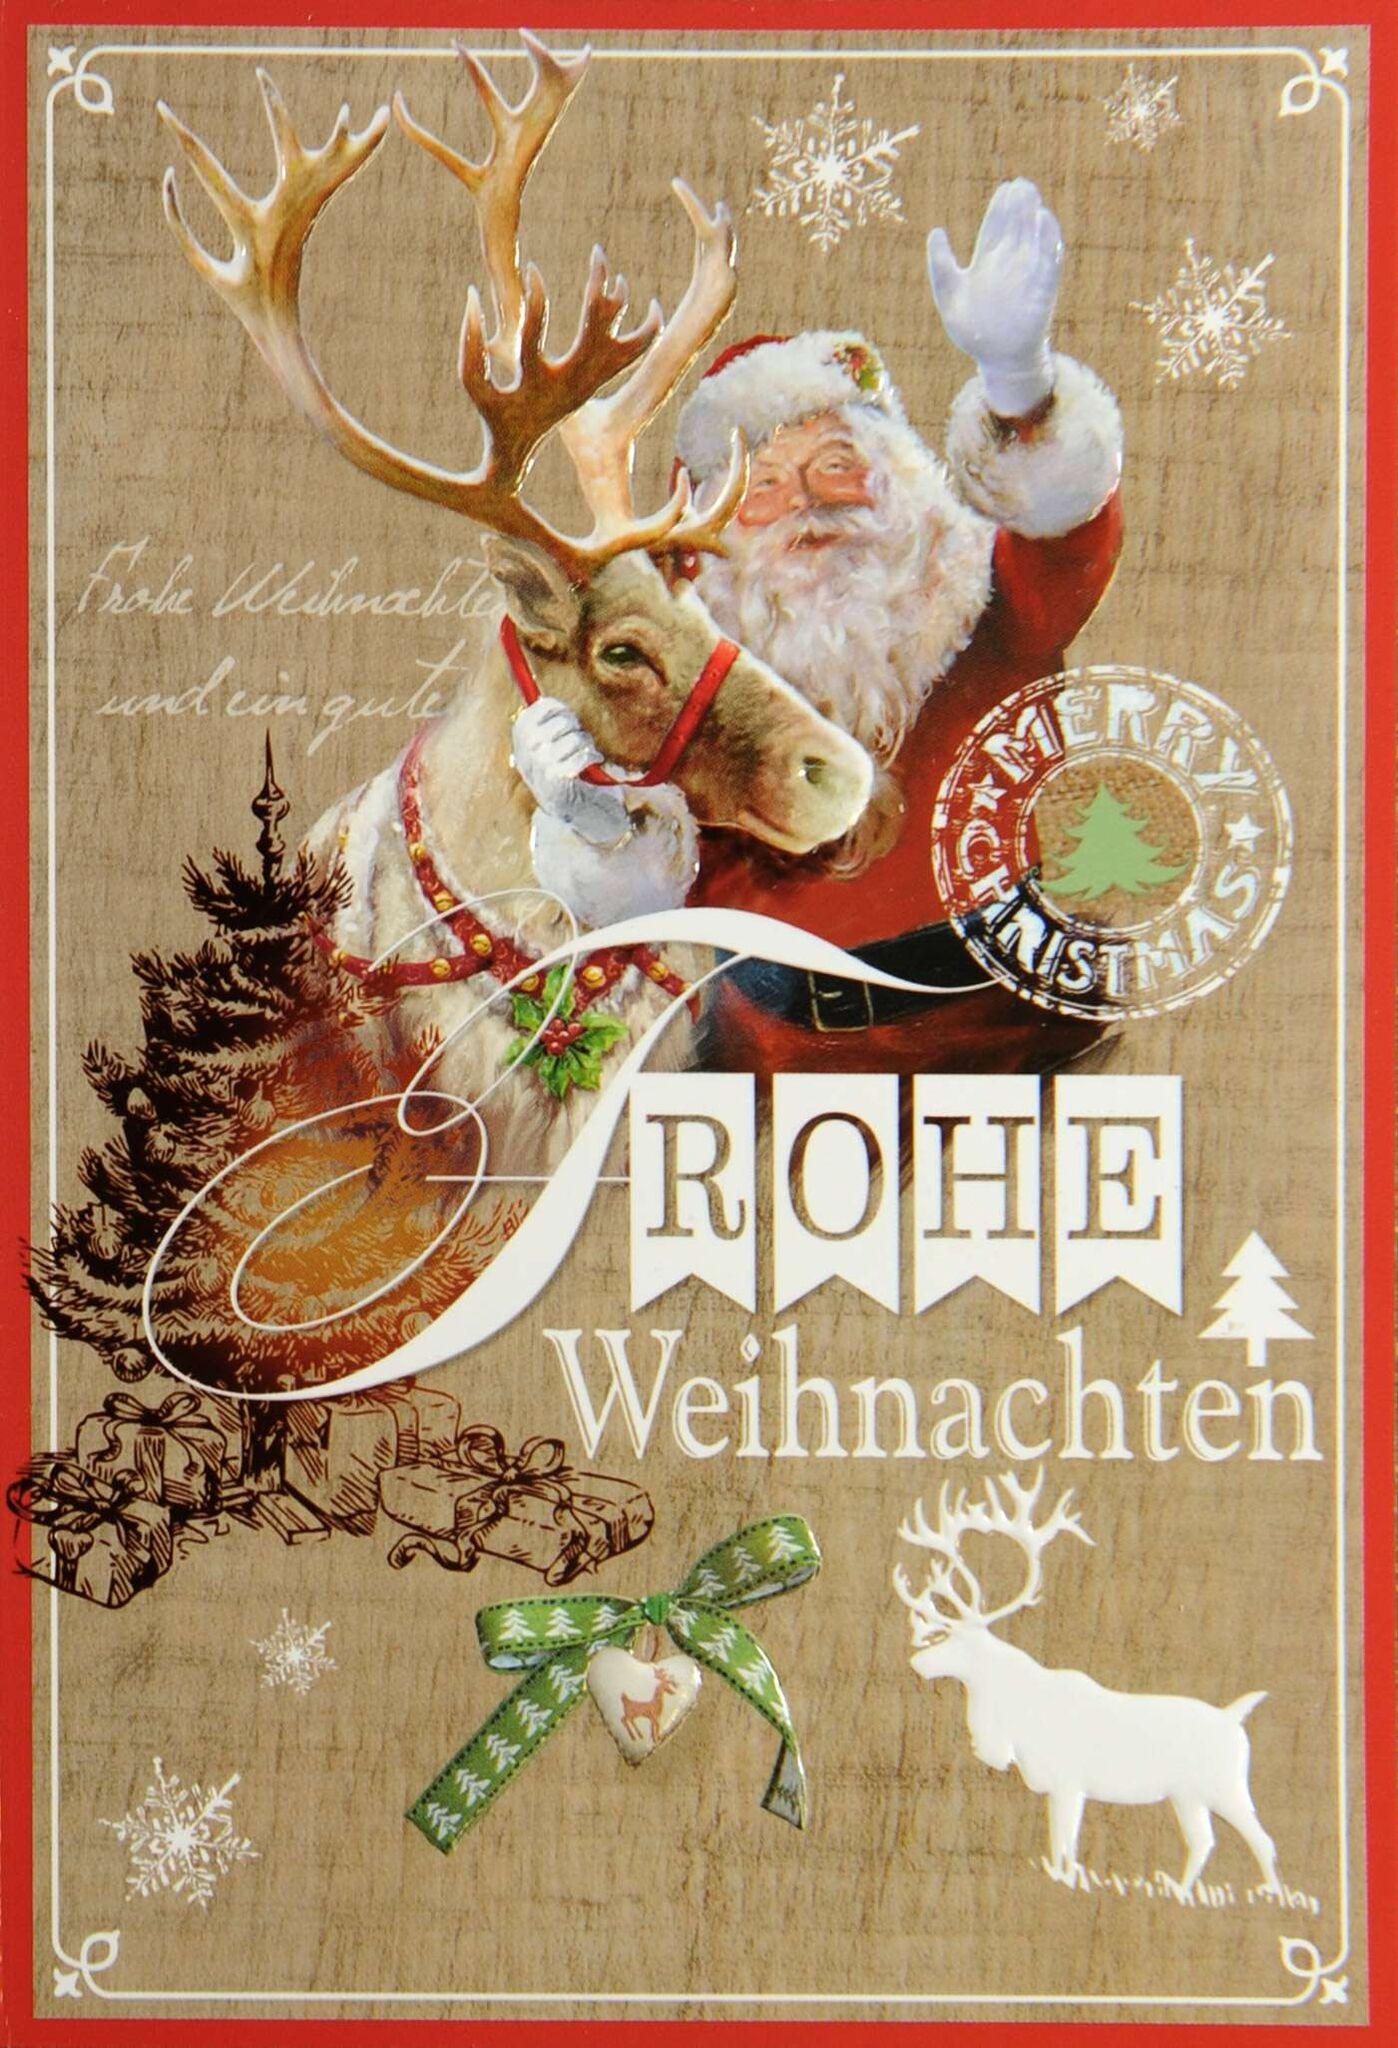 Wann Weihnachtskarten Versenden.Wissen Sie Schon Wann Weihnachtskarten Verschicken Sinn Macht